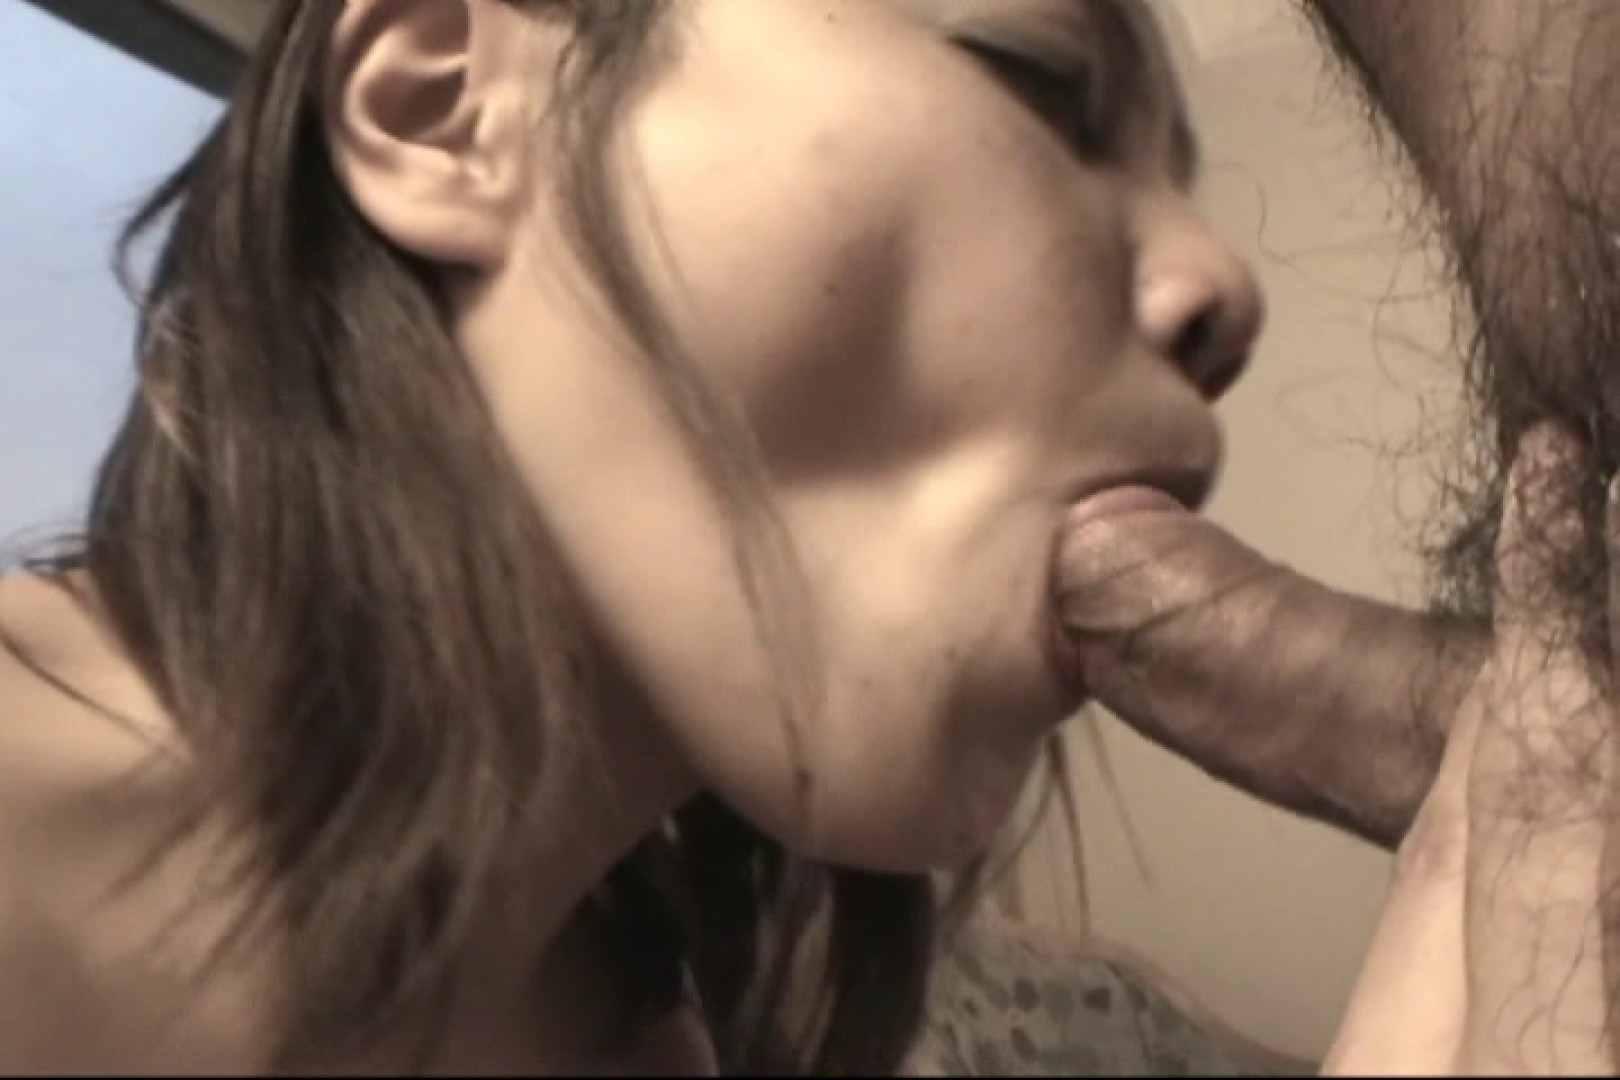 エロフェロモン全開の彼女に中出しSEX~青山ちか~ シャワー AV無料動画キャプチャ 79pic 60